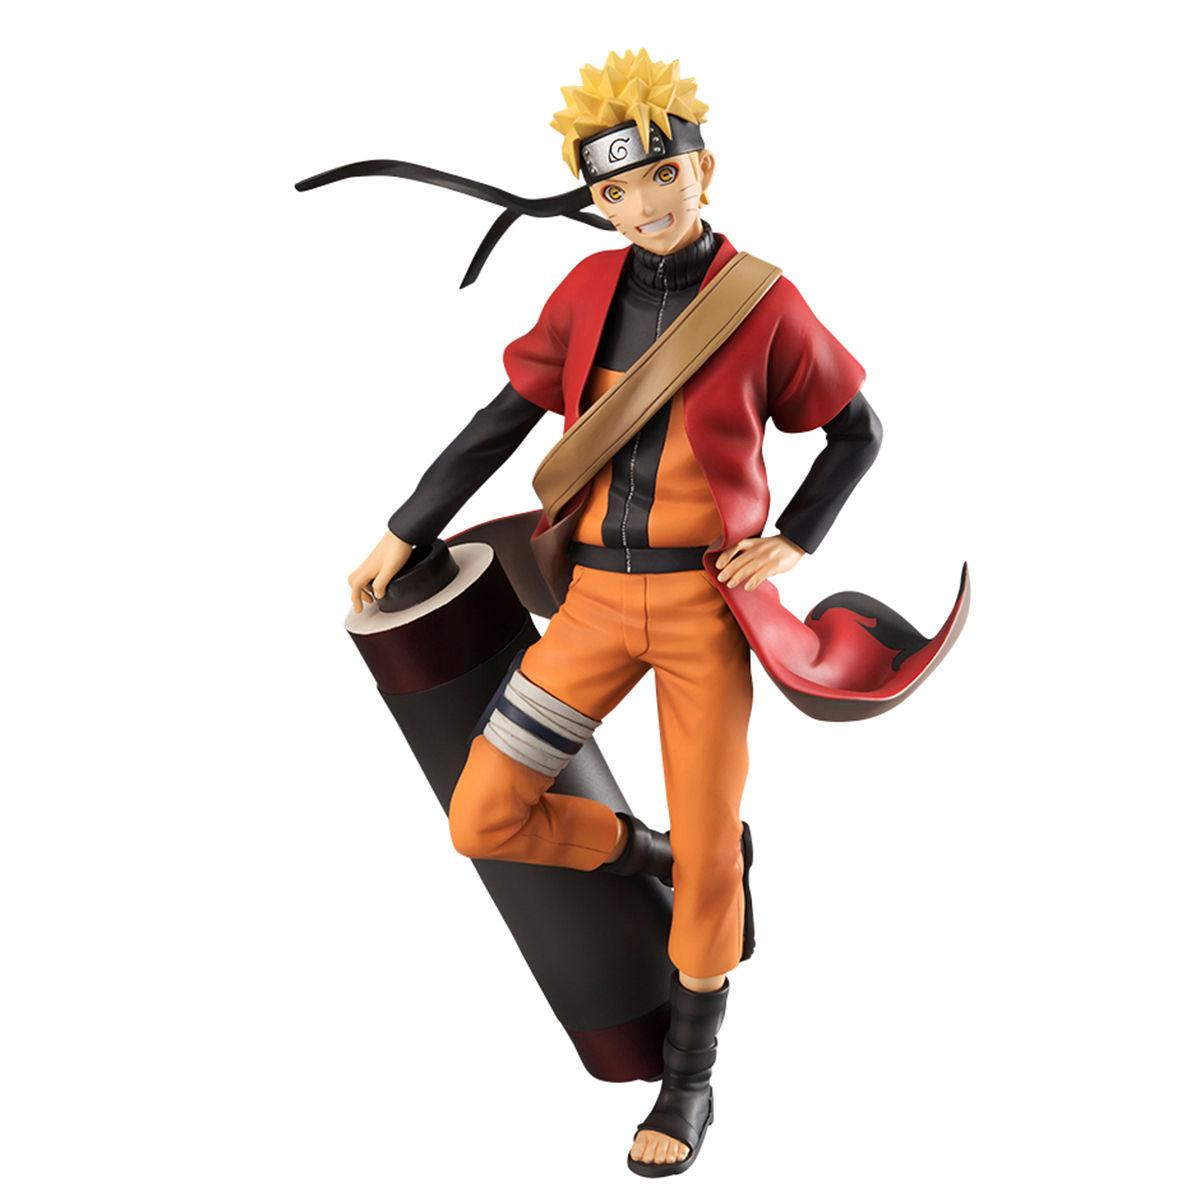 Figurine Uzumaki Naruto (Limited + Exclusive) – Naruto Shippuuden